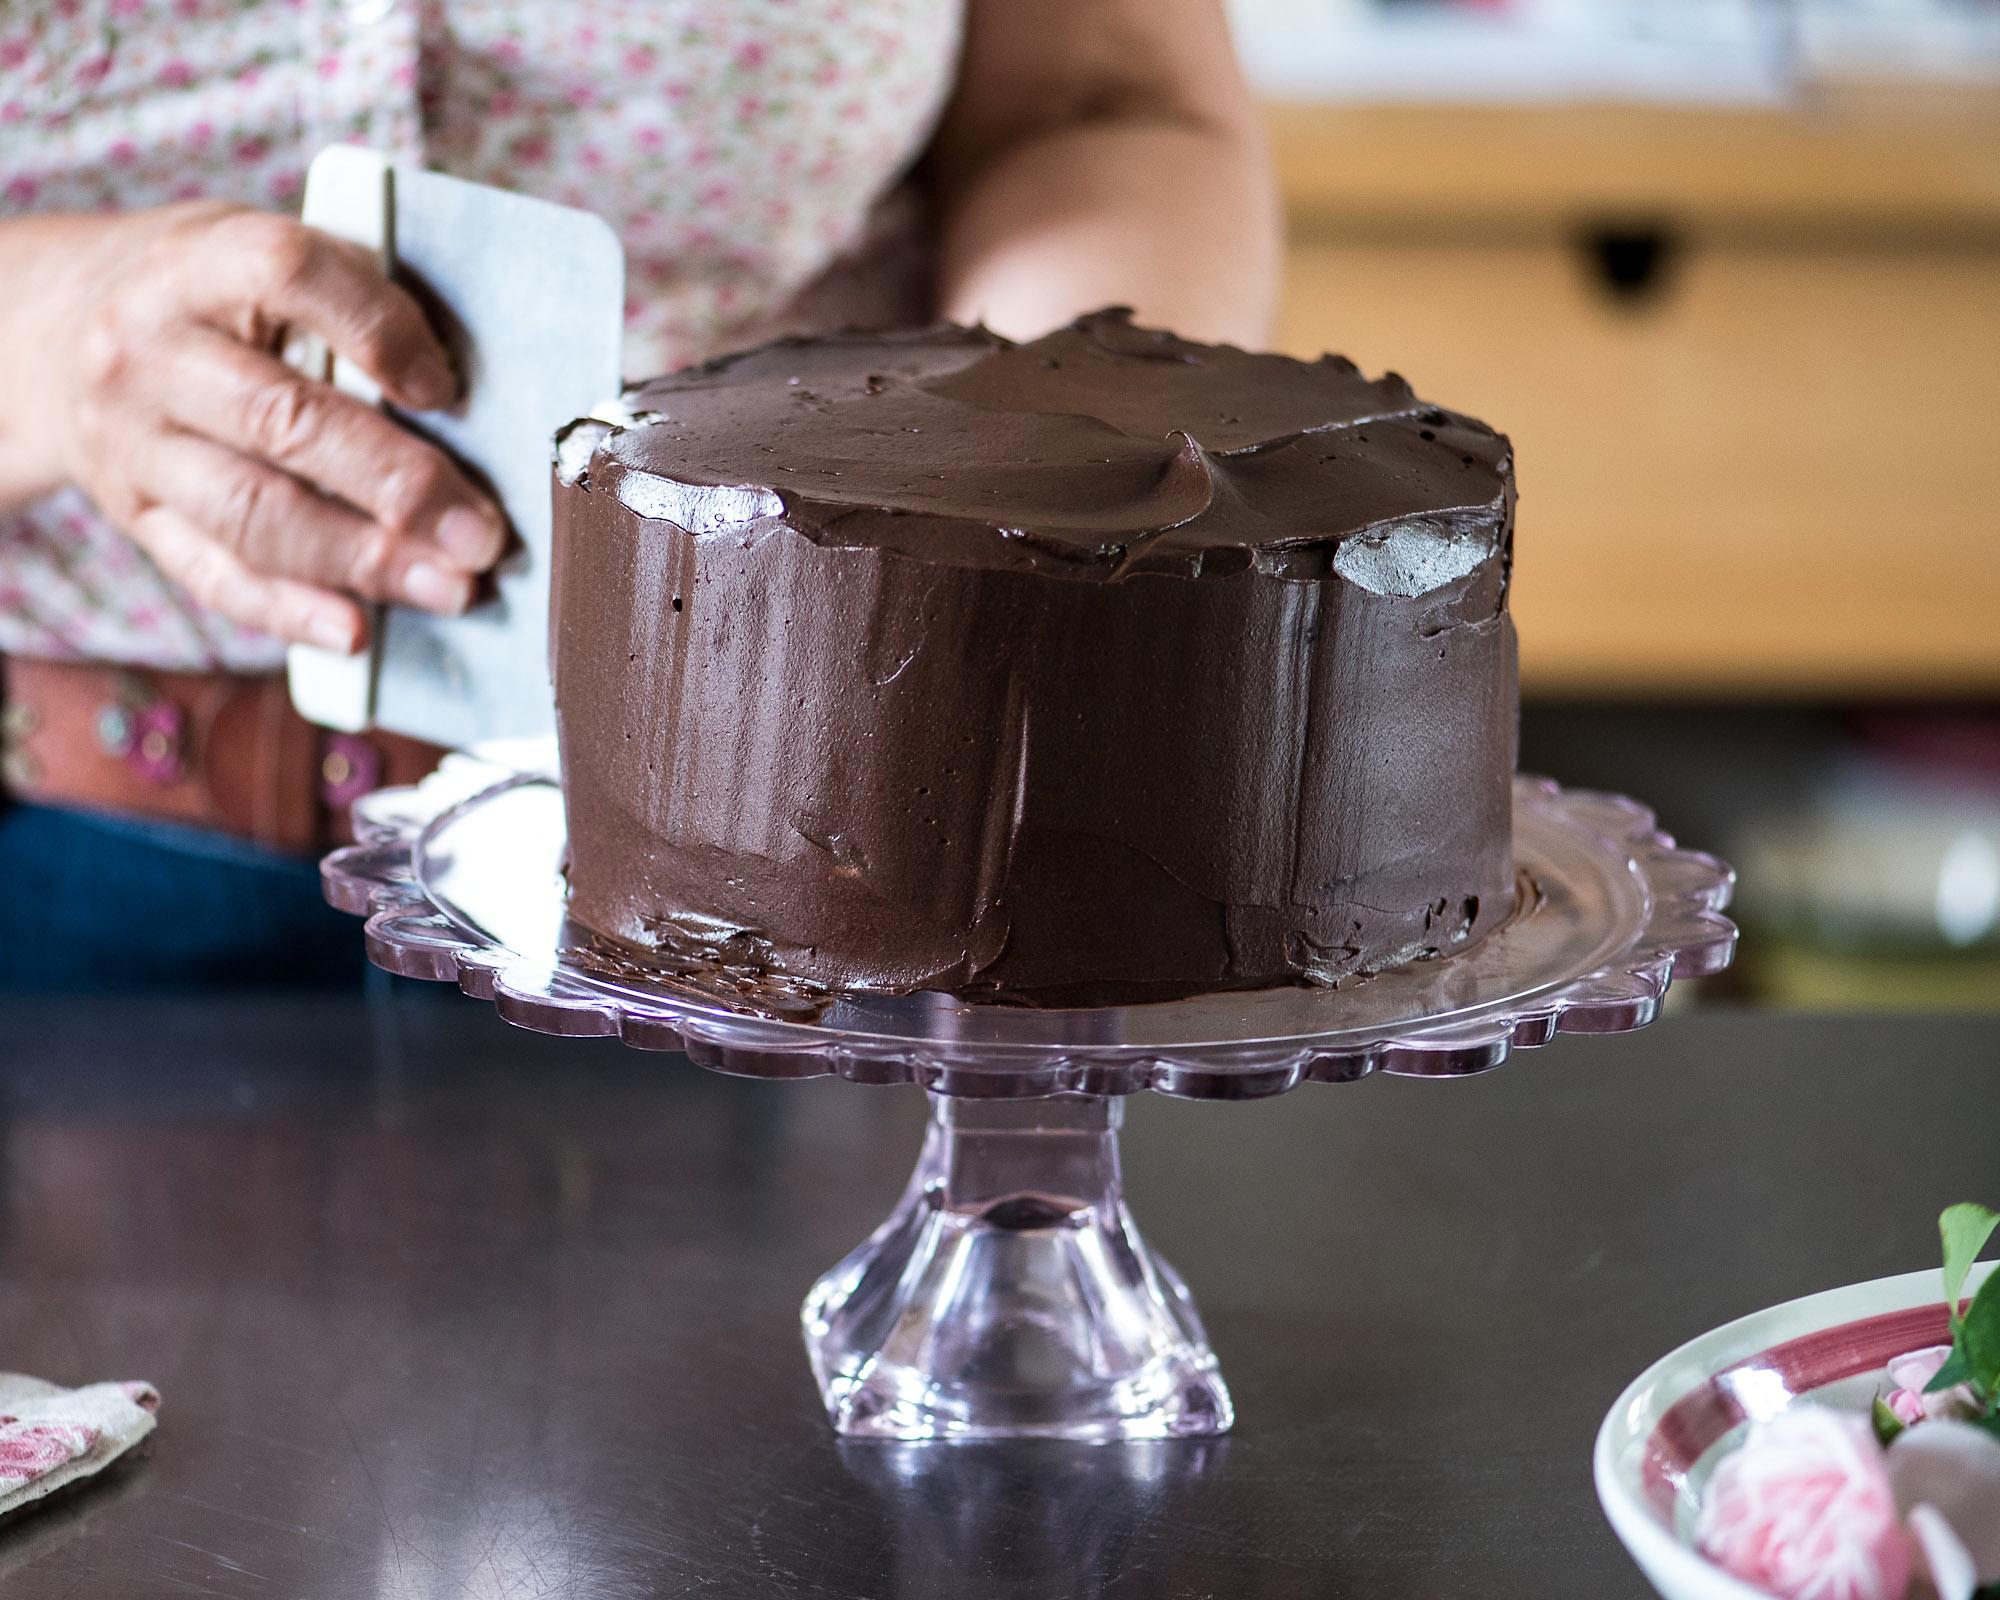 Jude-Choc-Cake-53